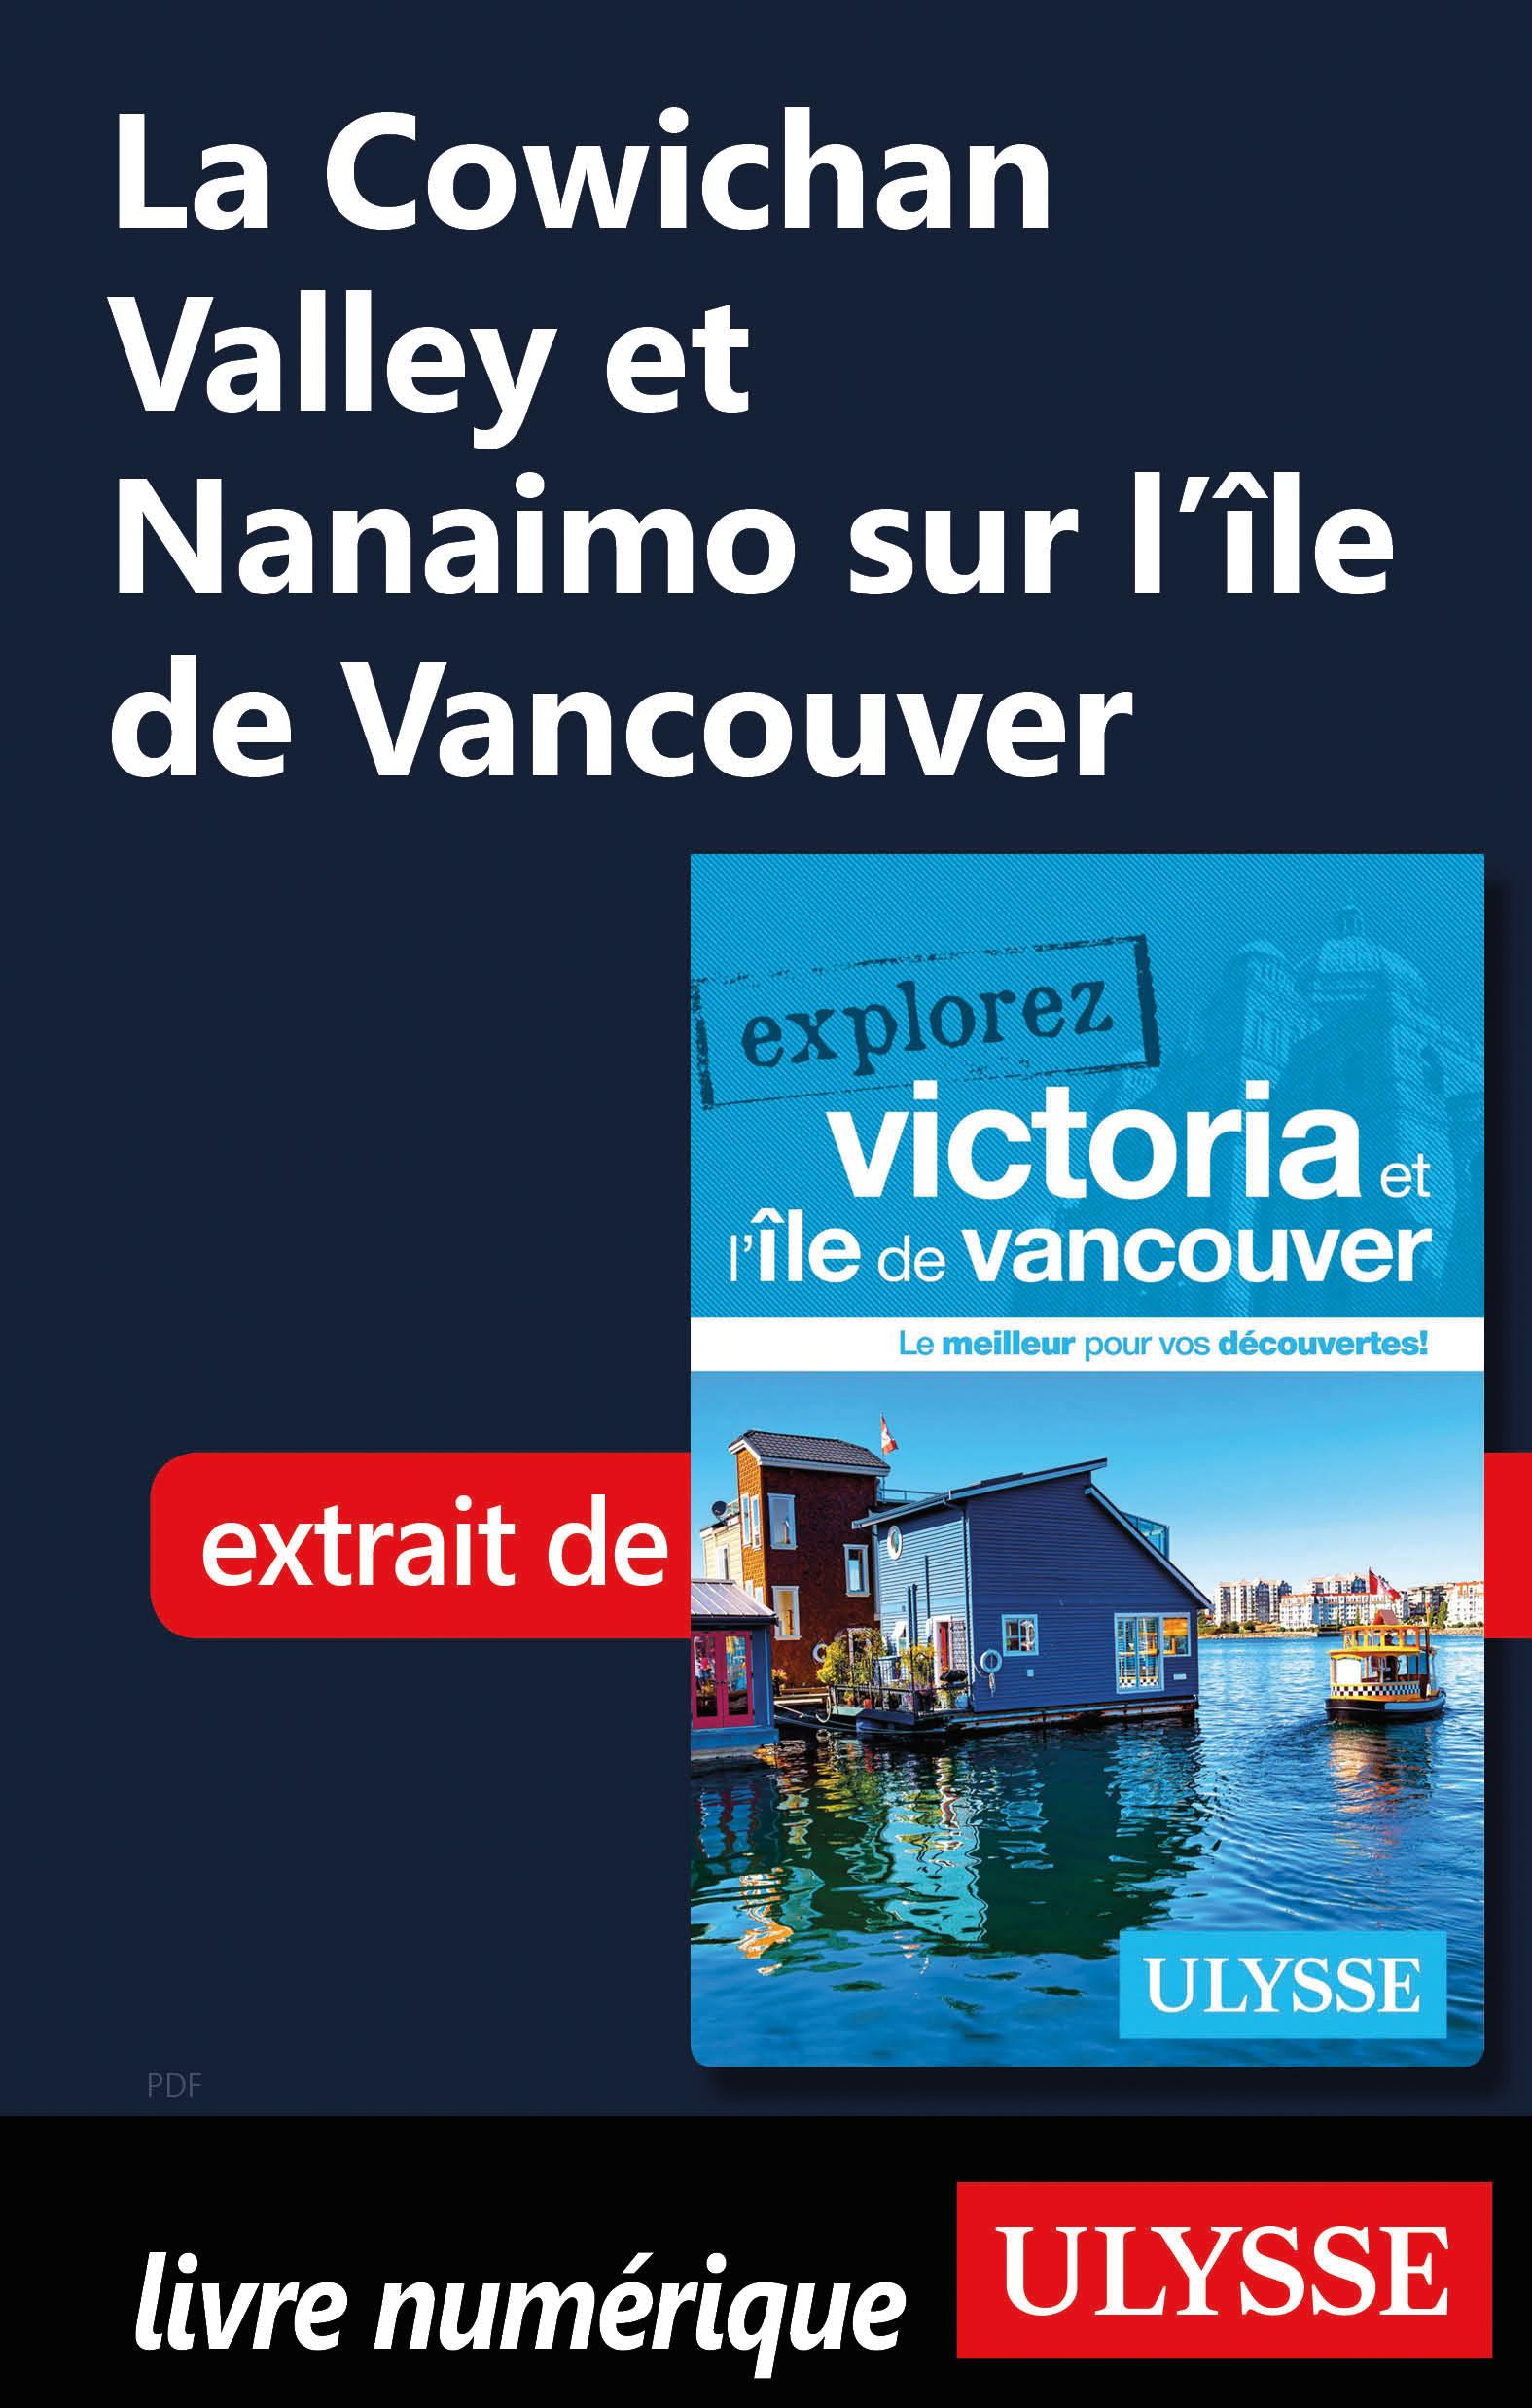 La Cowichan Valley et Nanaimo sur l'île de Vancouver